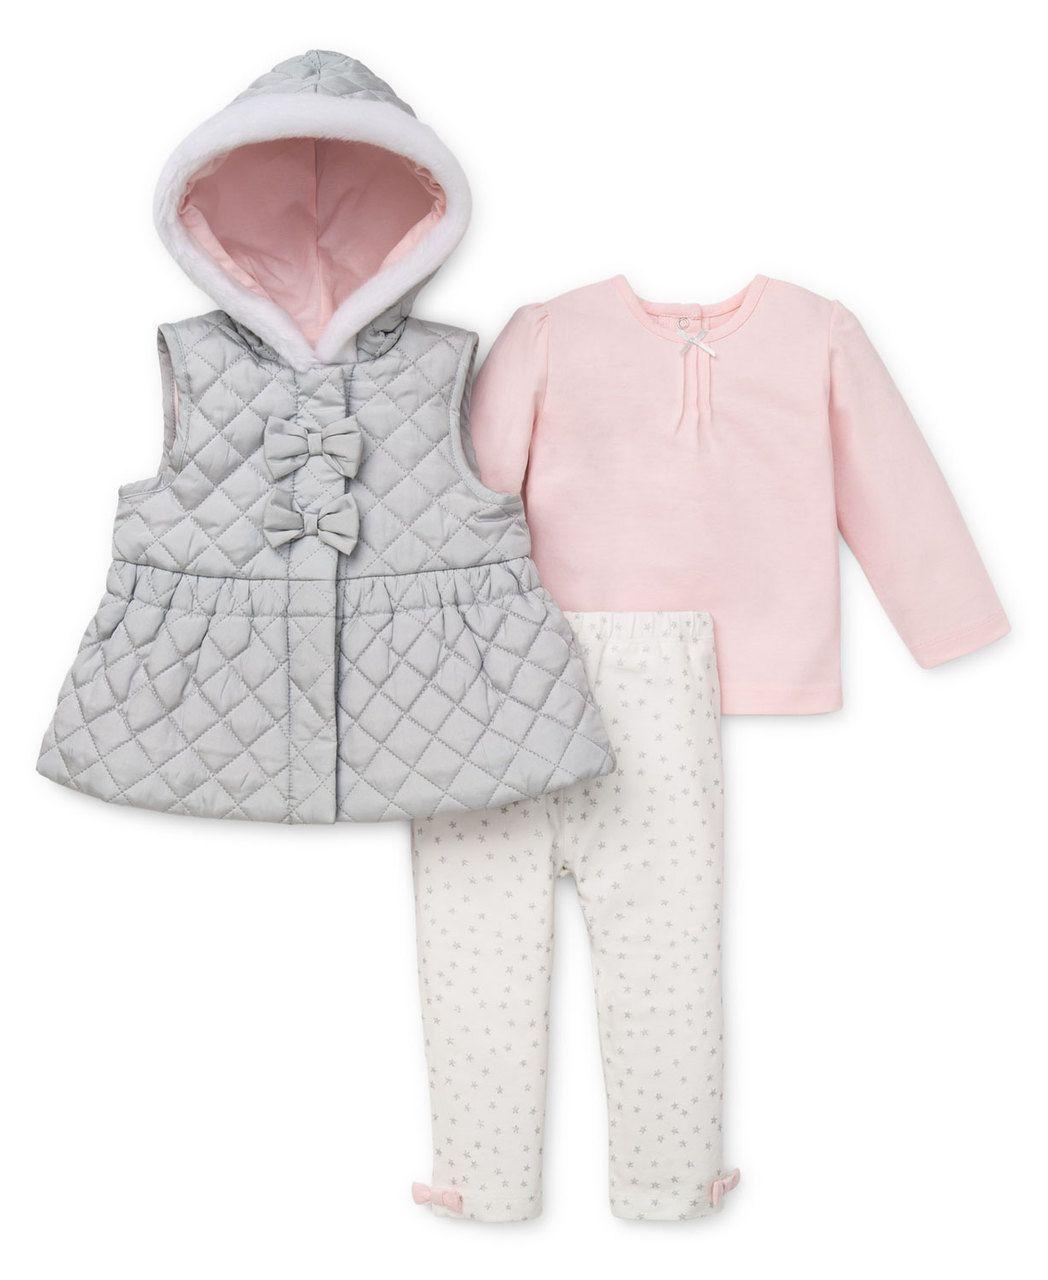 Little Me Boutique - Glitzy 3-Piece Vest Set, $54.00 (http://www.littleme.com/products/glitzy-3-piece-vest-set.html)